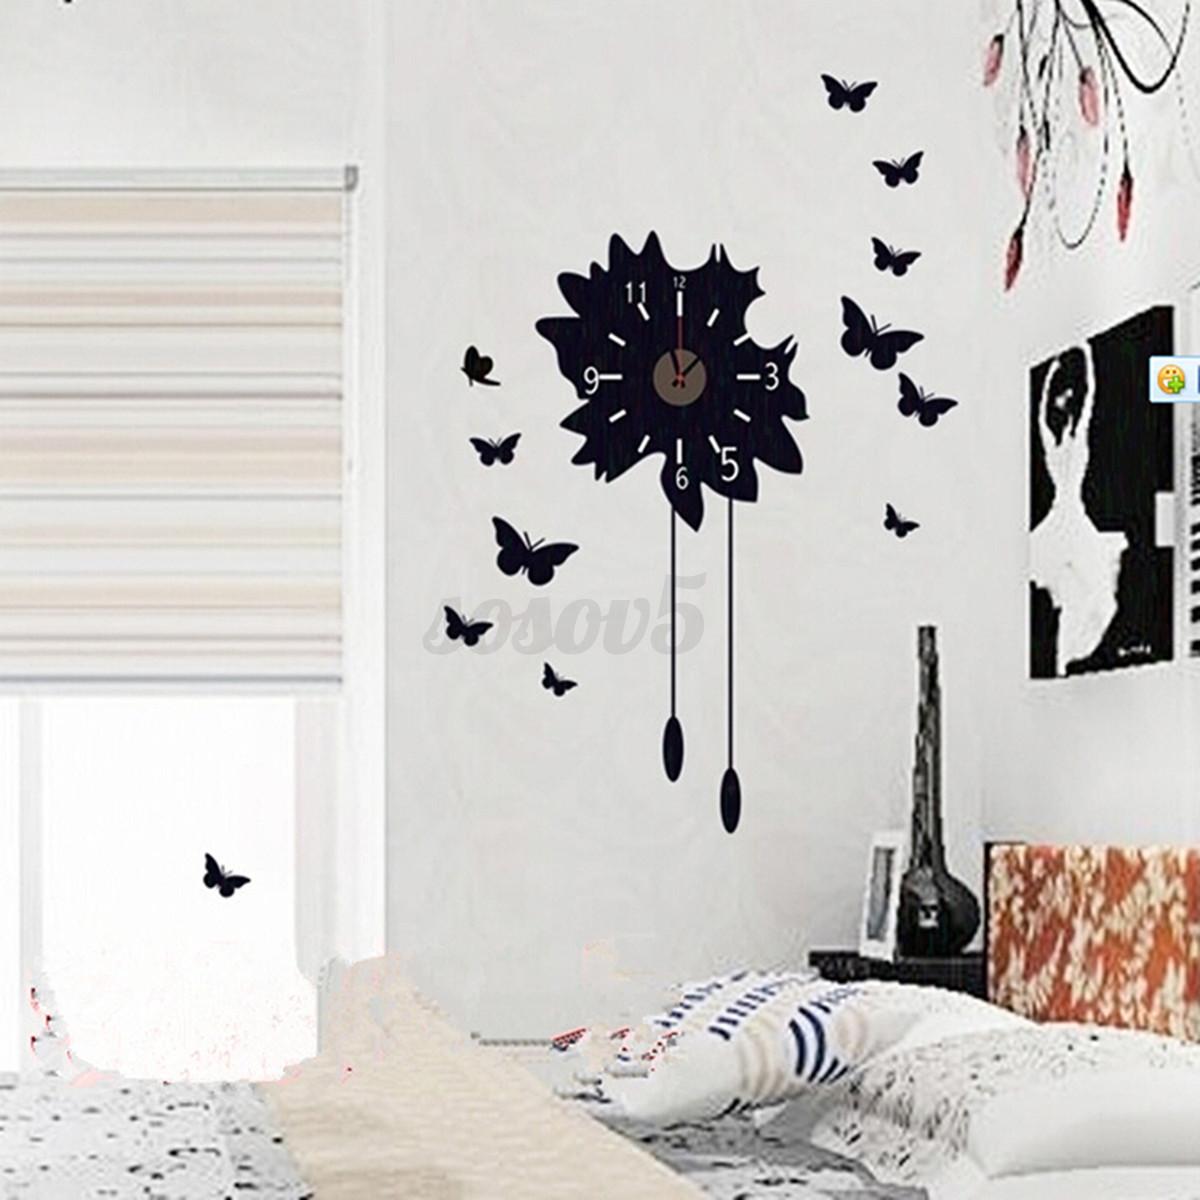 3d pared reloj mariposa pegatina de paredes vinilo decorativo adhesivo removible ebay - Reloj vinilo decorativo ...